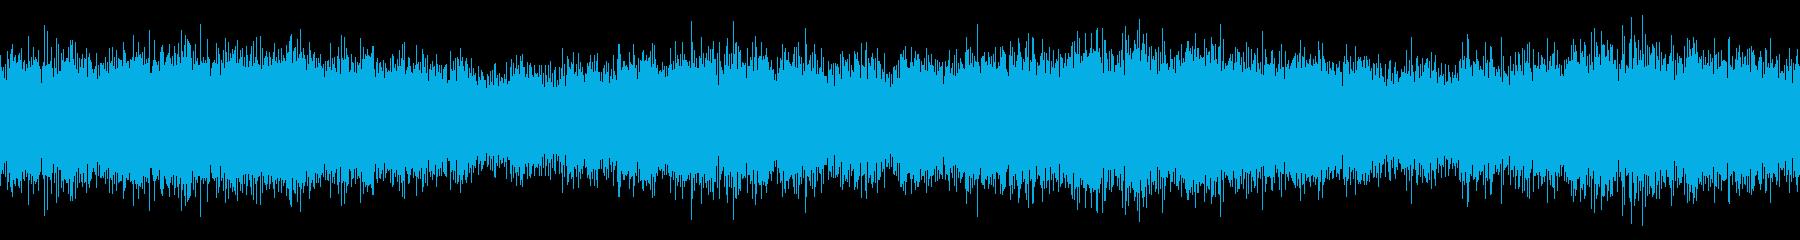 ループ仕様・ニュースや科学番組用 4の再生済みの波形